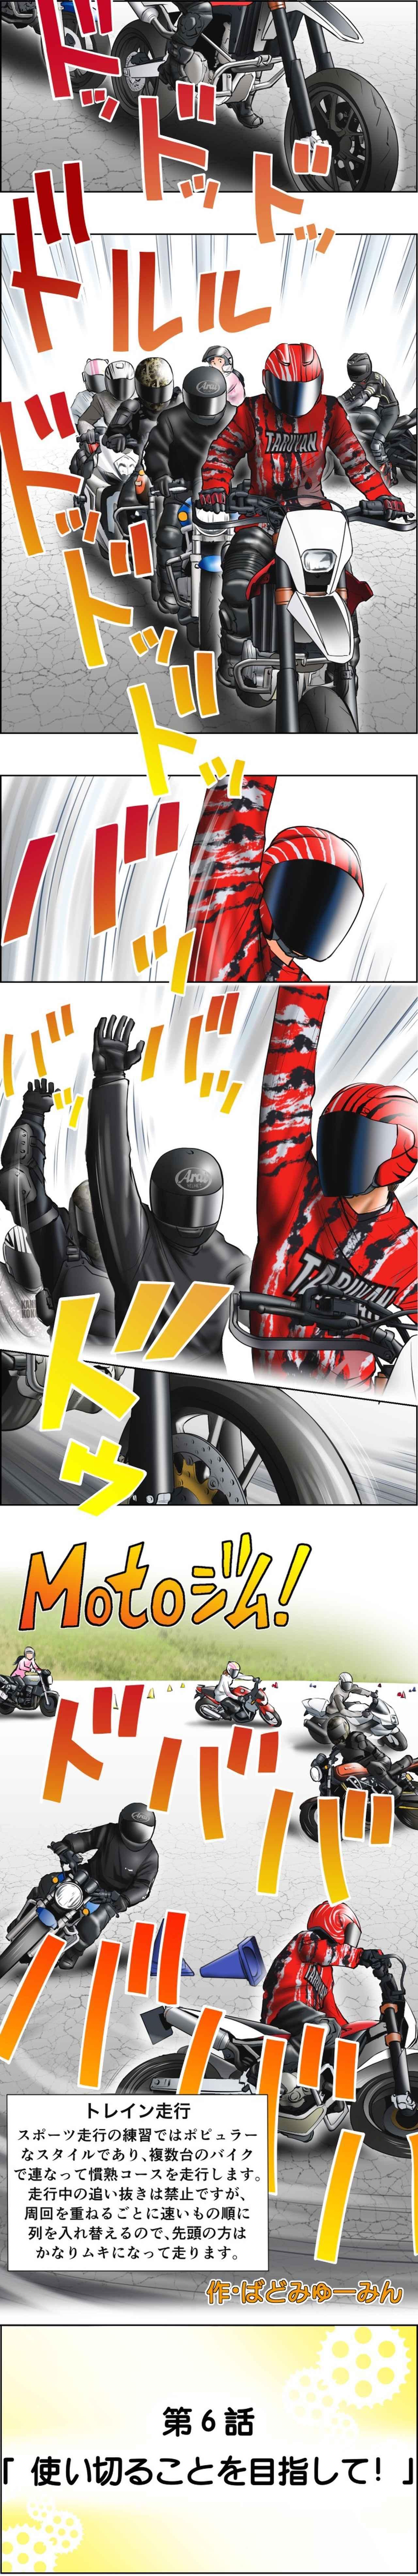 画像: MOTOジム!(第6話:使い切ることを目指して!) 作・ばどみゅーみん - オートバイ & RIDE